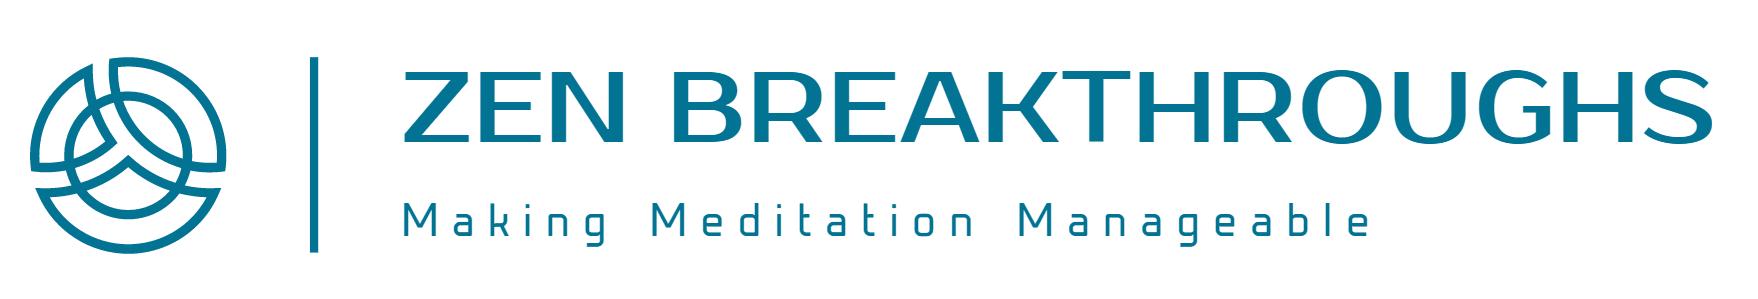 Zen Breakthroughs